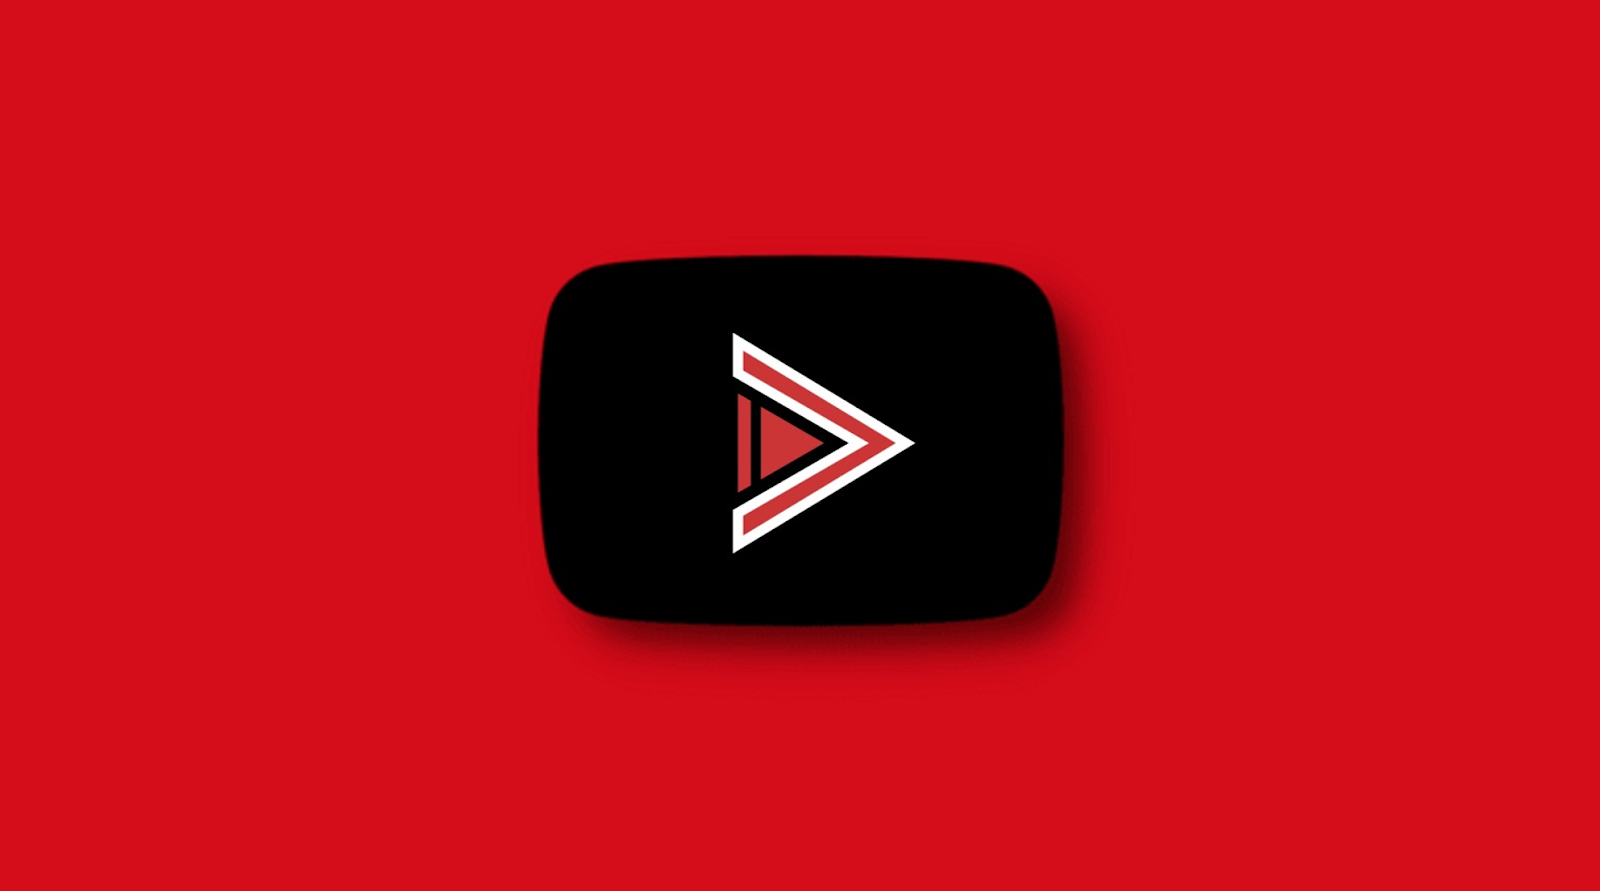 Como reproduzir vídeos no Youtube com a tela desligada